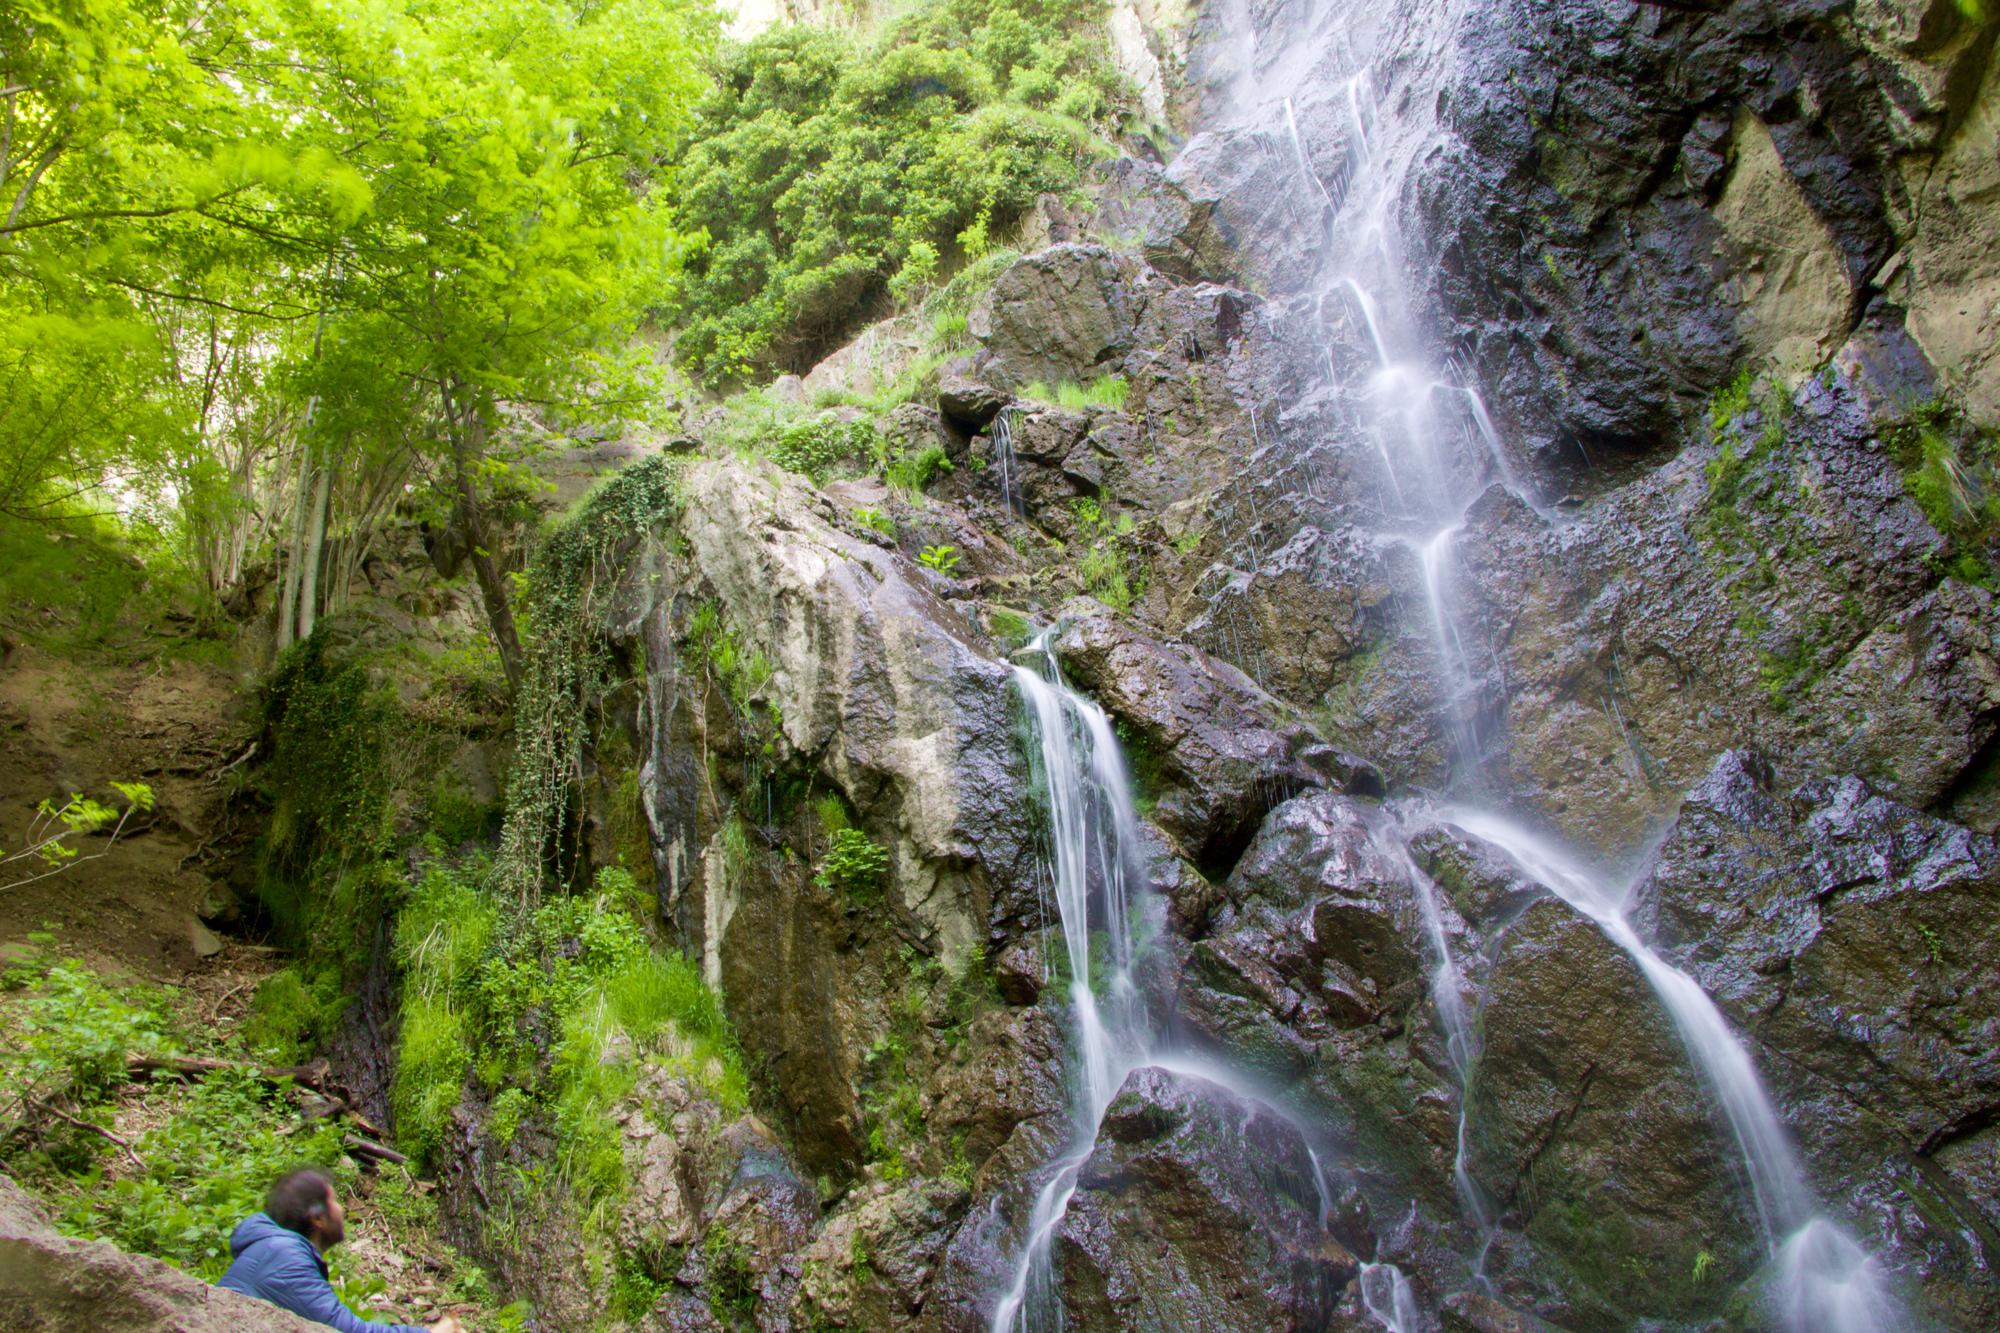 Девин. Екопътека по река Девинска. Водопад Самодивско пръскало и водопад Мечо пръскало. Западни Родопи – ден 3